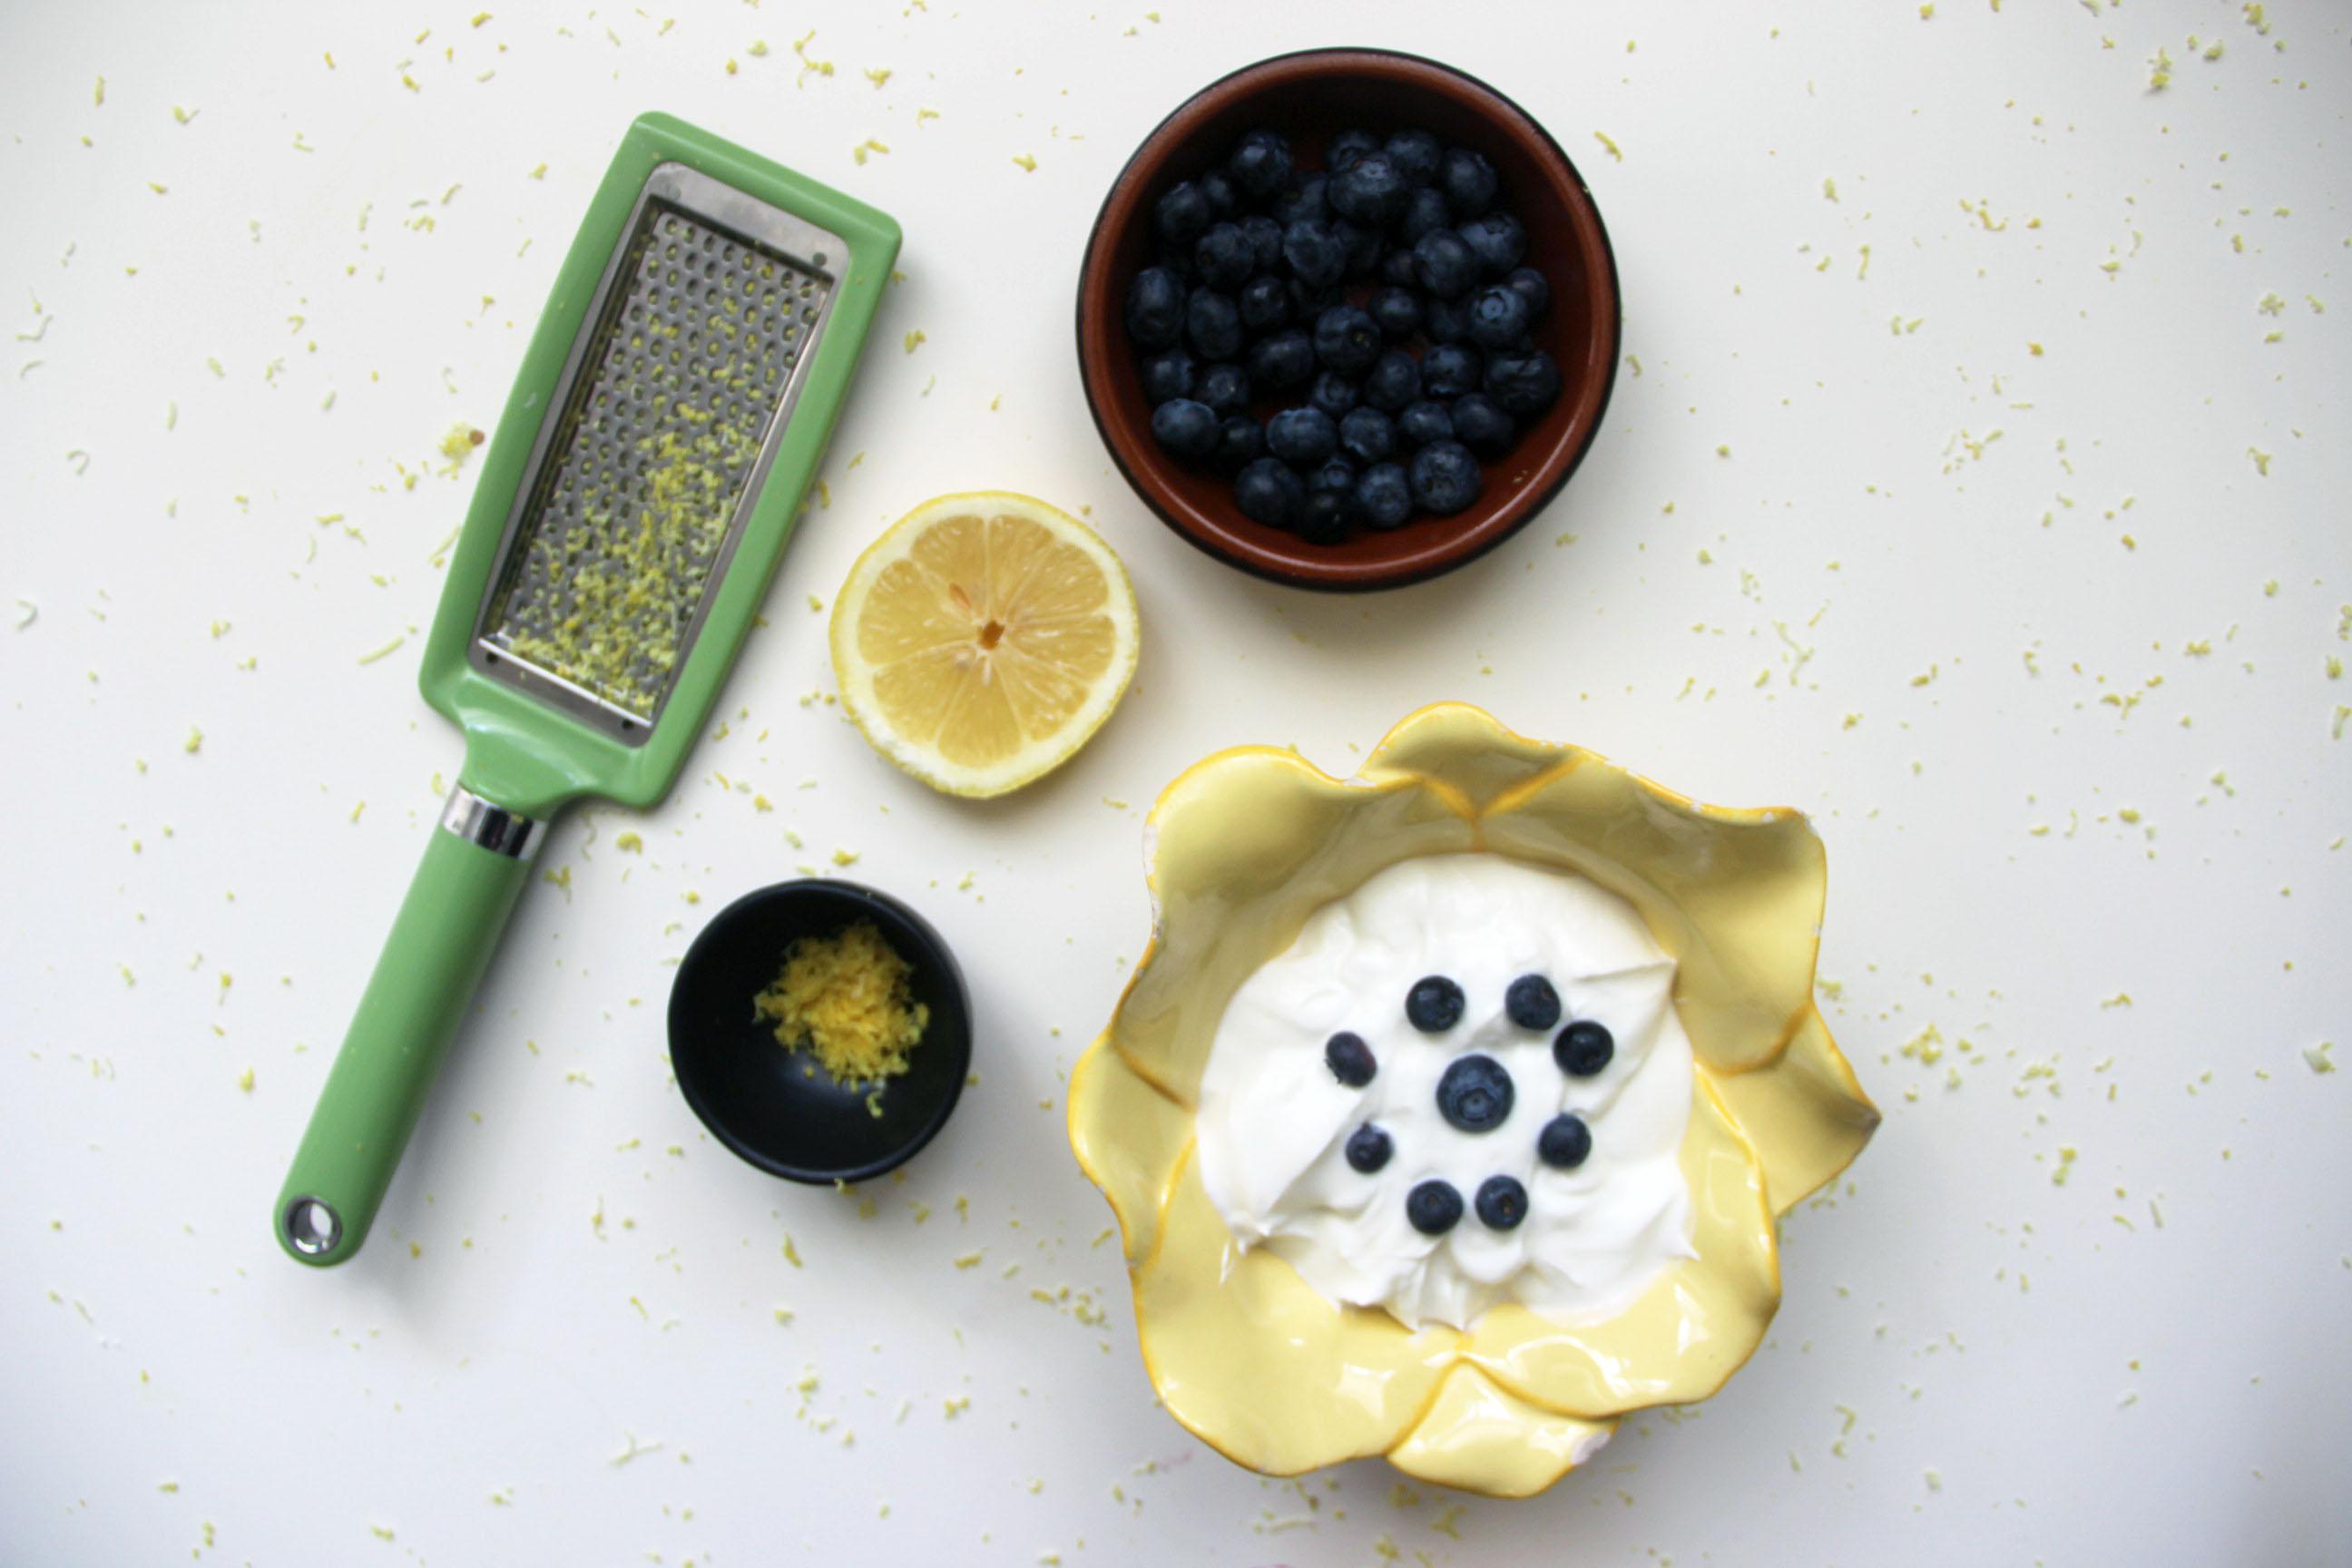 blueberries-ingredients